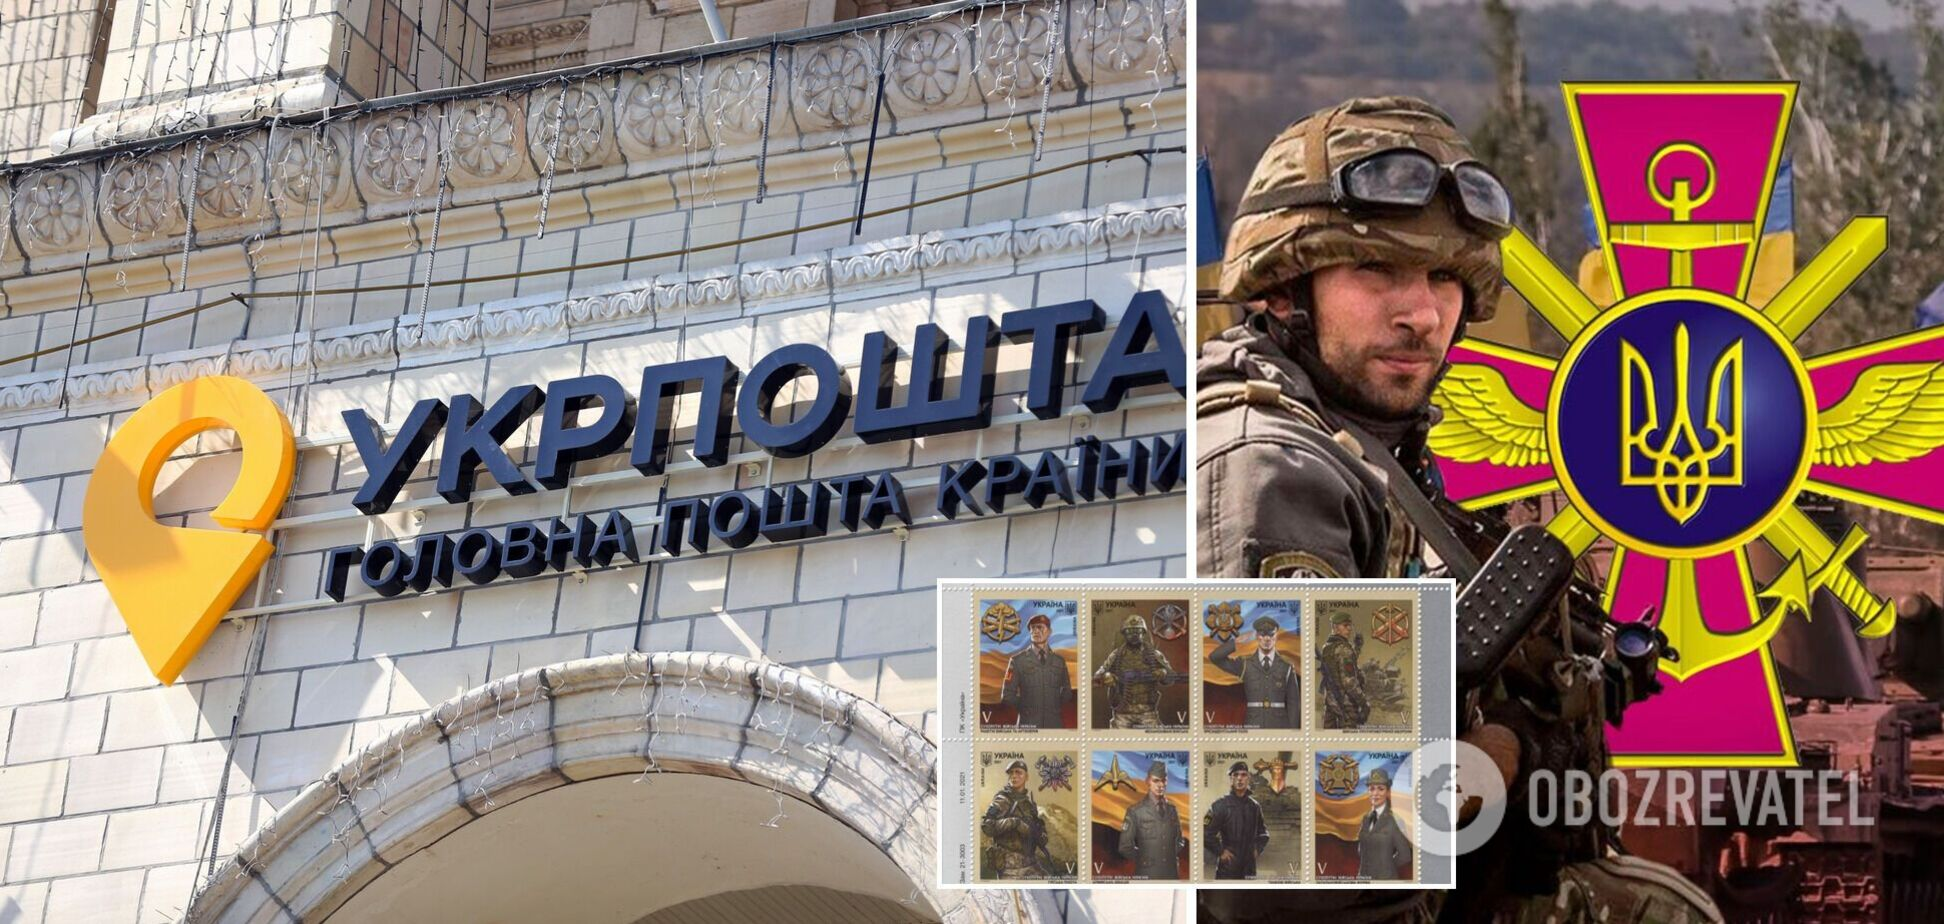 В 'Укрпошті' захотіли випустити марки на честь ЗСУ 23 лютого: Генштаб відреагував